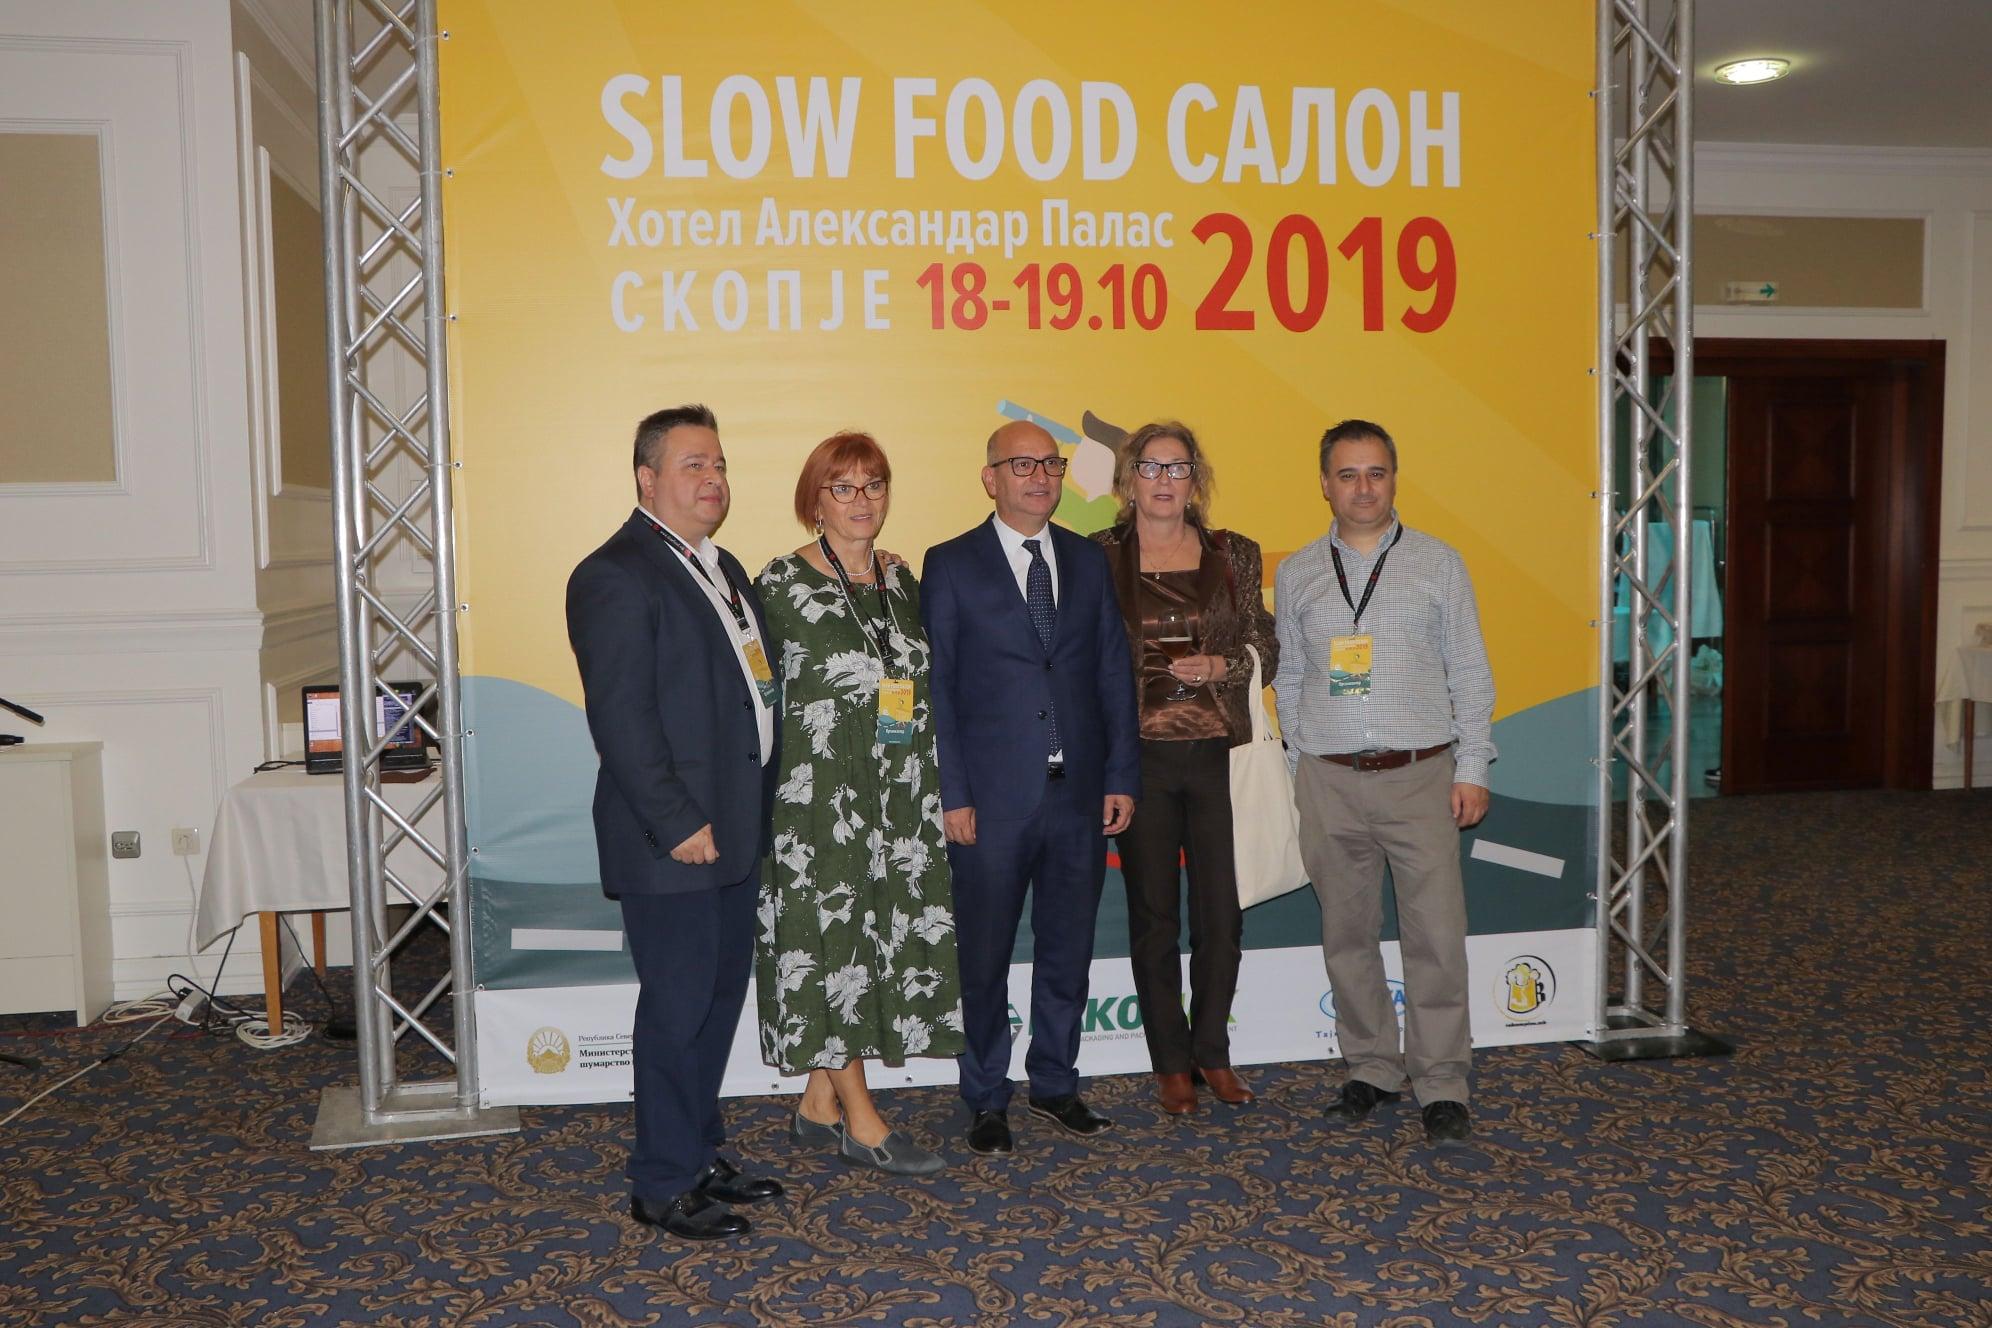 Photo of Димковски: Со конкретни мерки ги поддржуваме малите производители на традиционални земјоделски производи